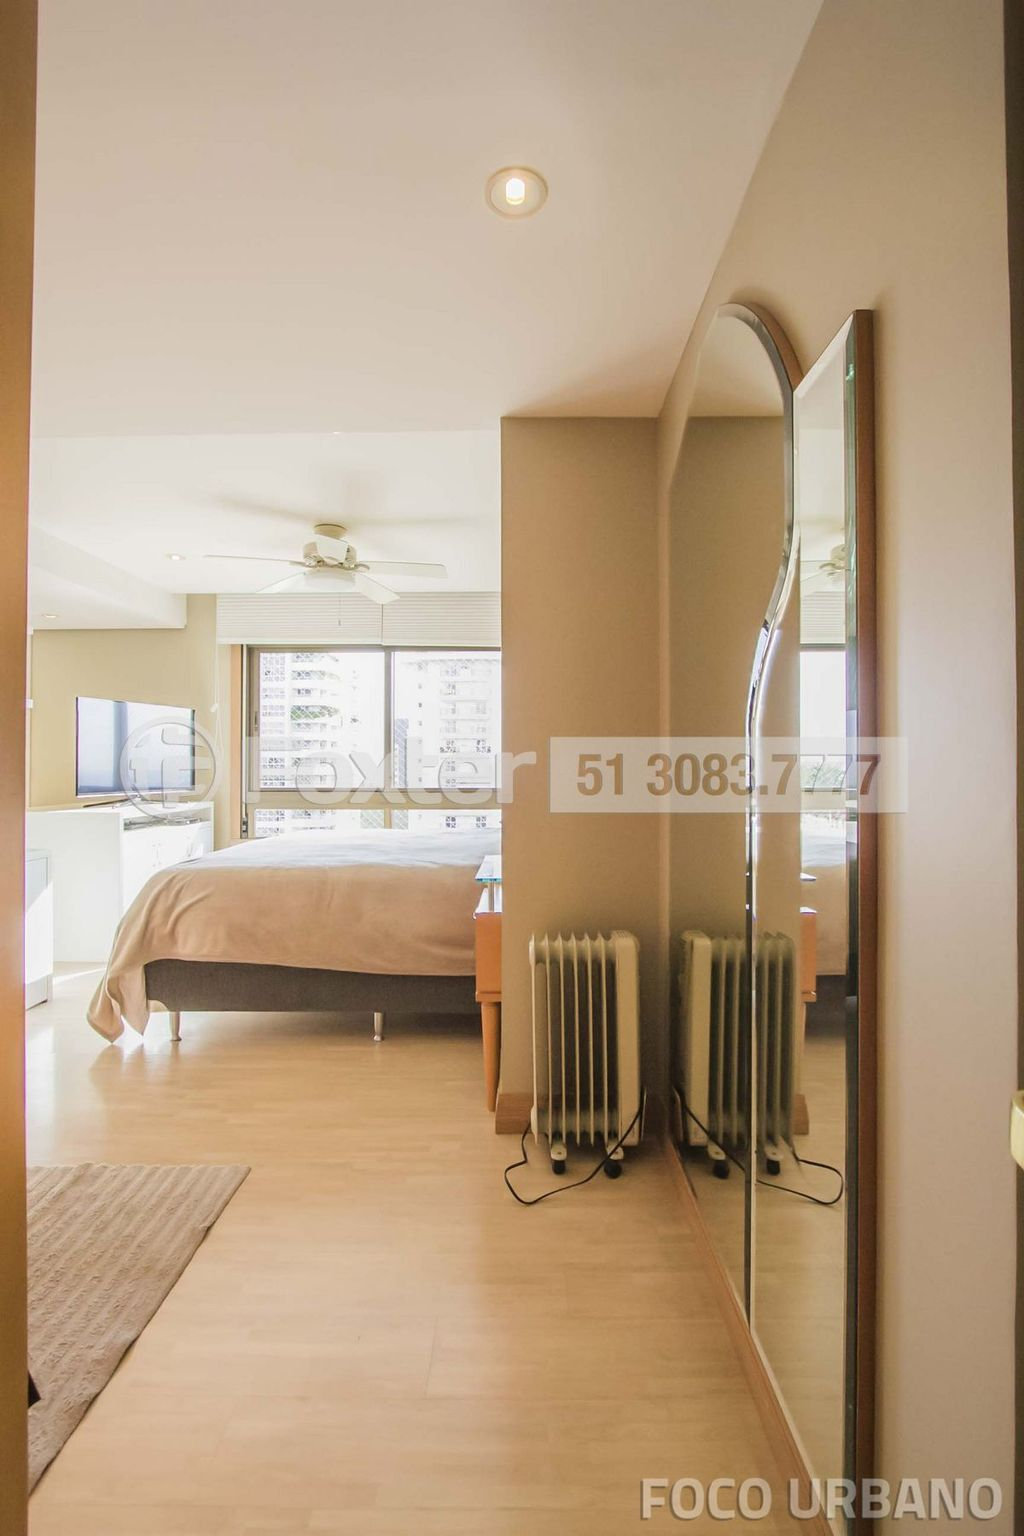 Apto 4 Dorm, Bela Vista, Porto Alegre (139435) - Foto 32